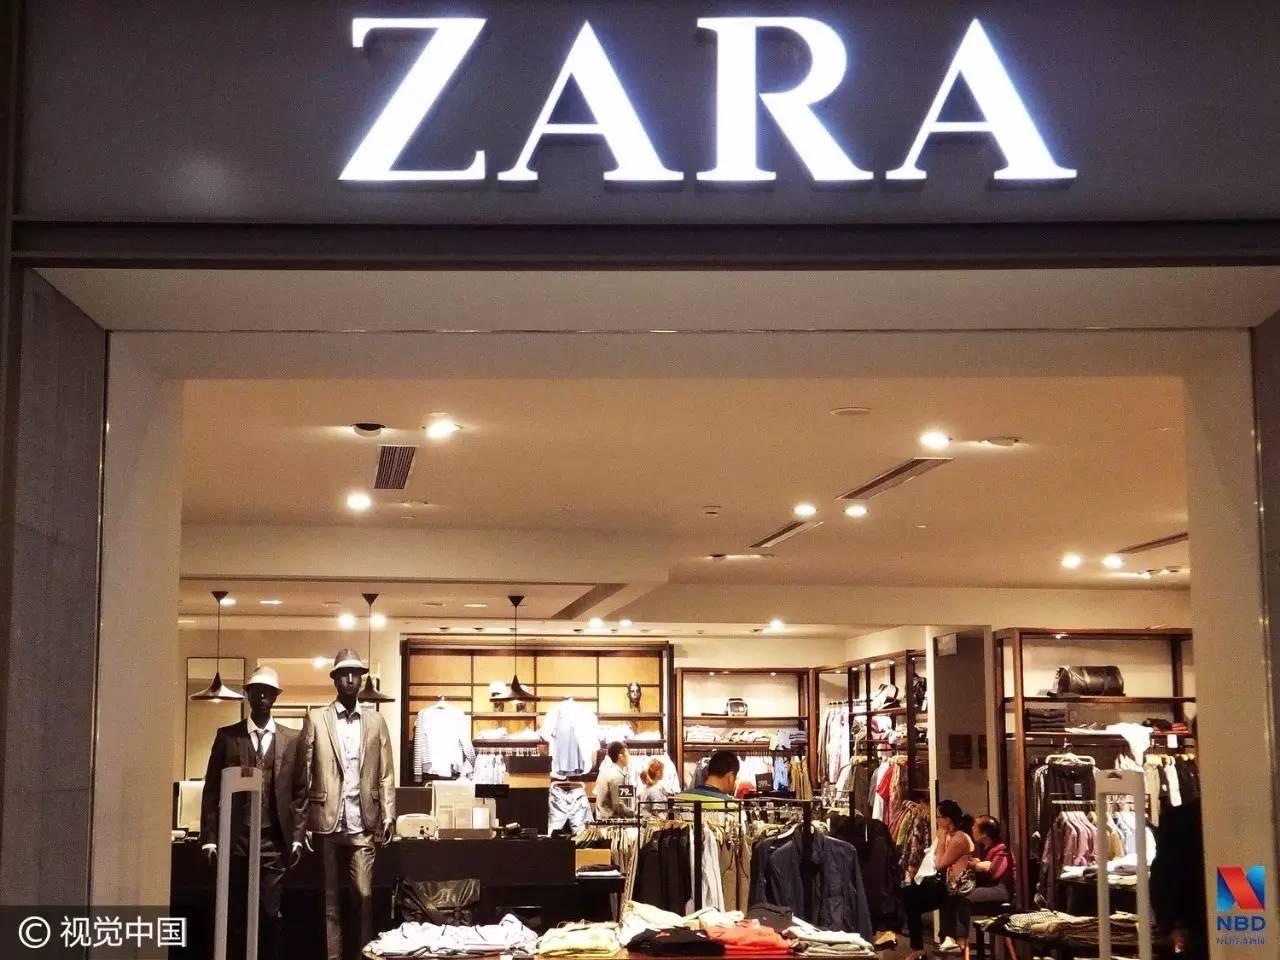 开实体店真的难赚钱?连服装巨头ZARA都在关店了 - star - 金融期货